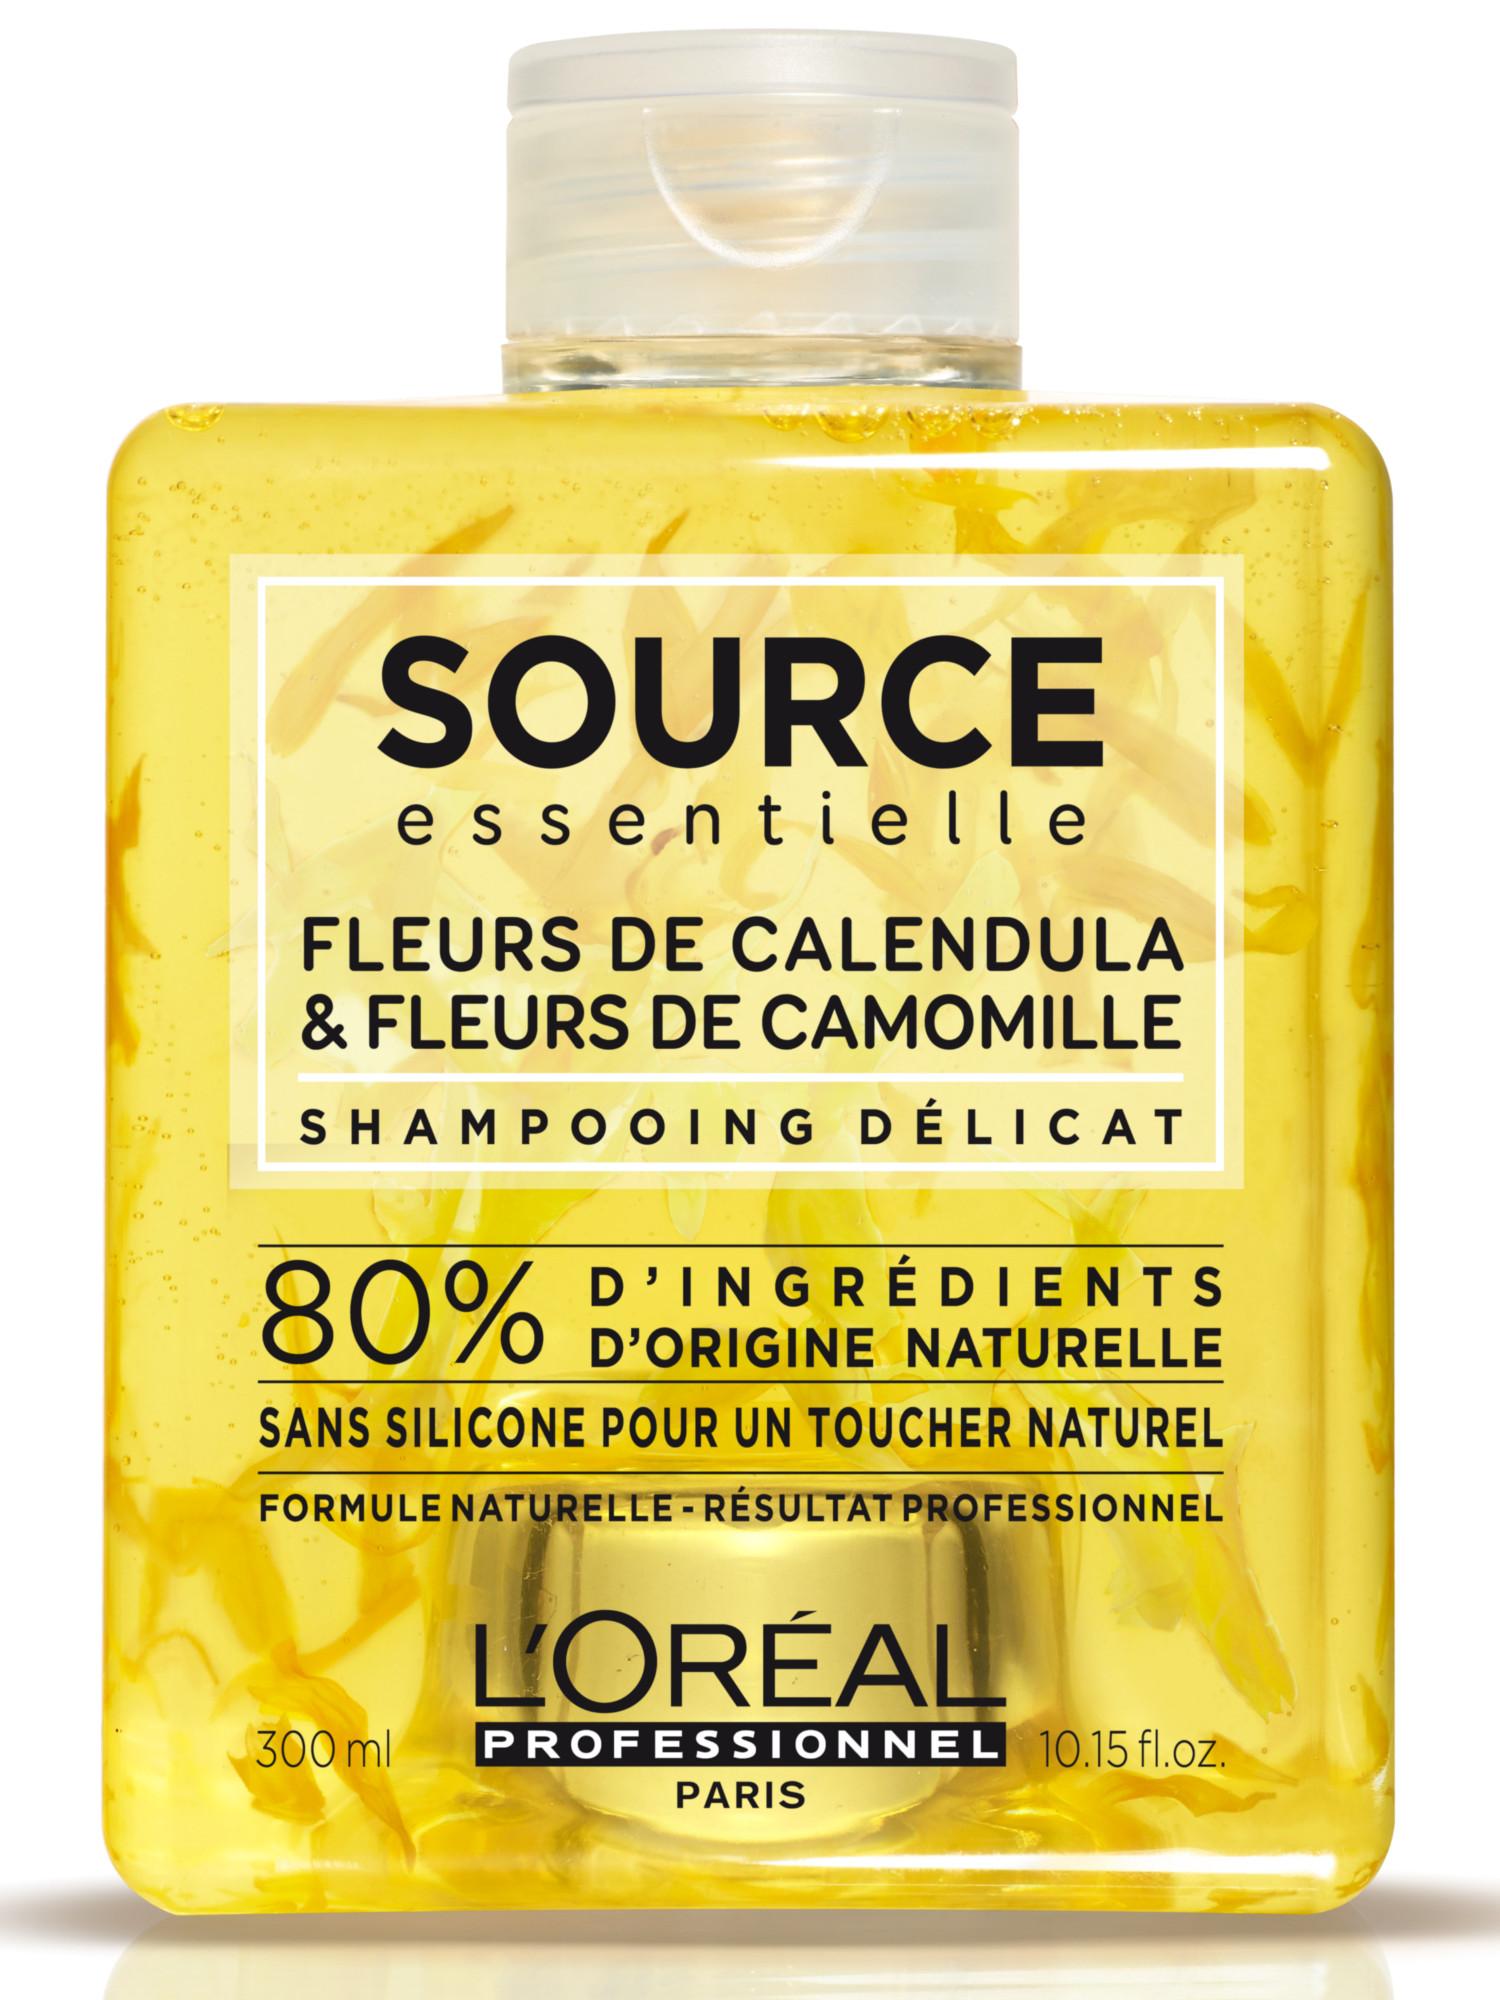 Veganský šampon pro citlivou pokožku Loréal Source Delicate - 300 ml + DÁREK ZDARMA